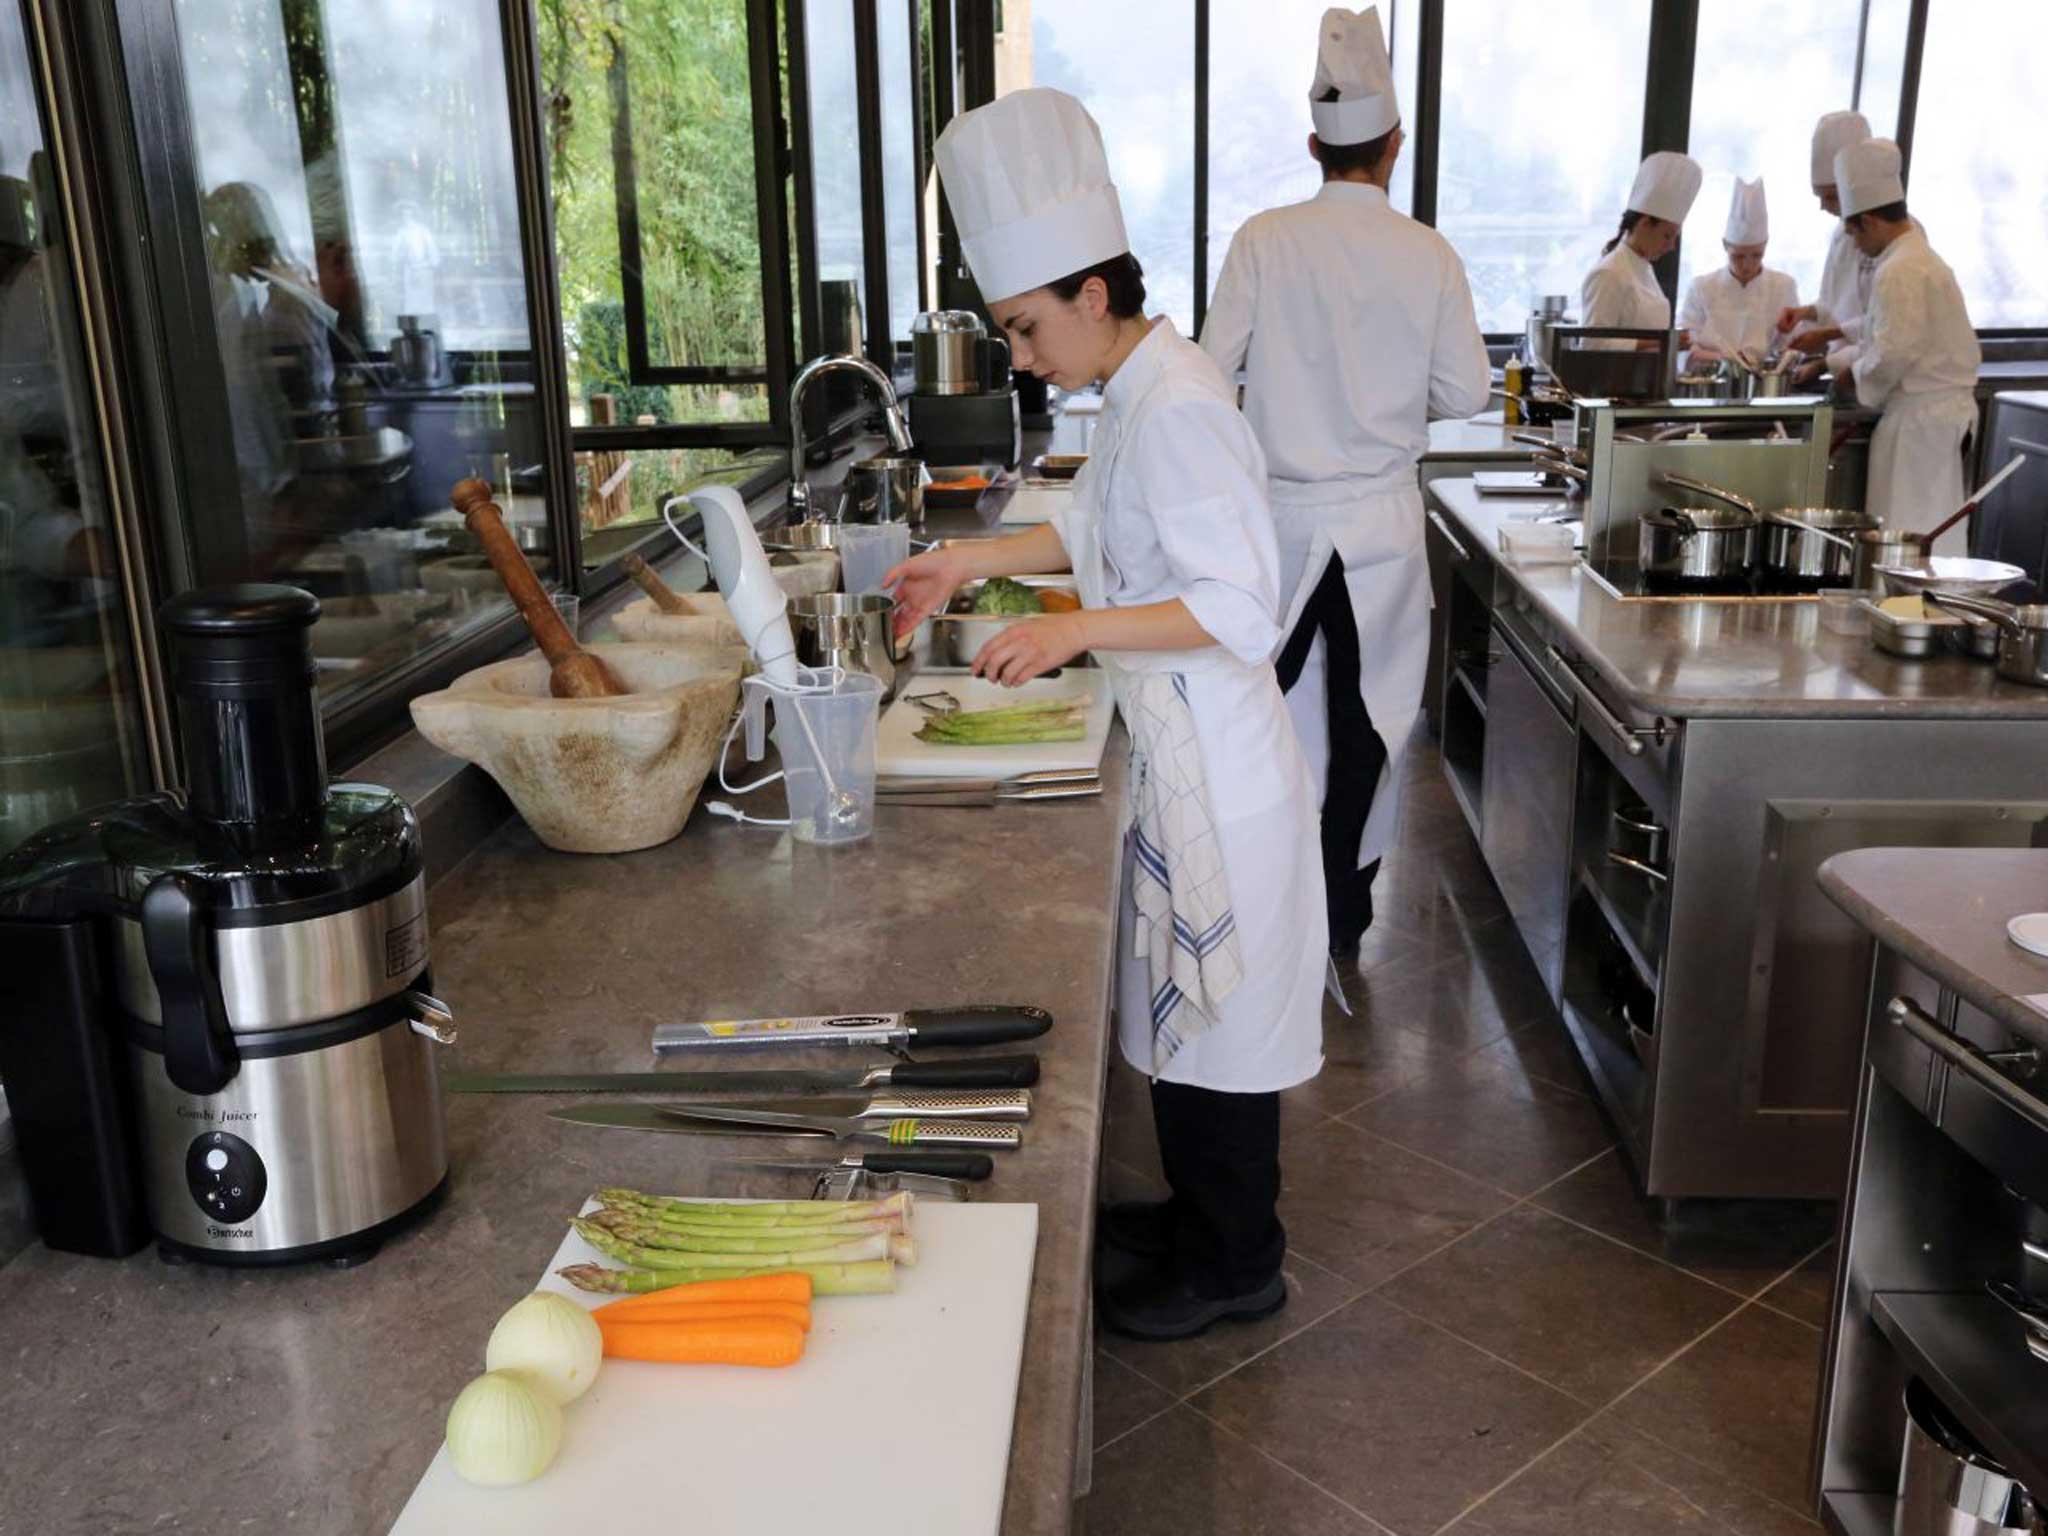 Les Prés d Eugénie A French cookery lesson with a culinary legend